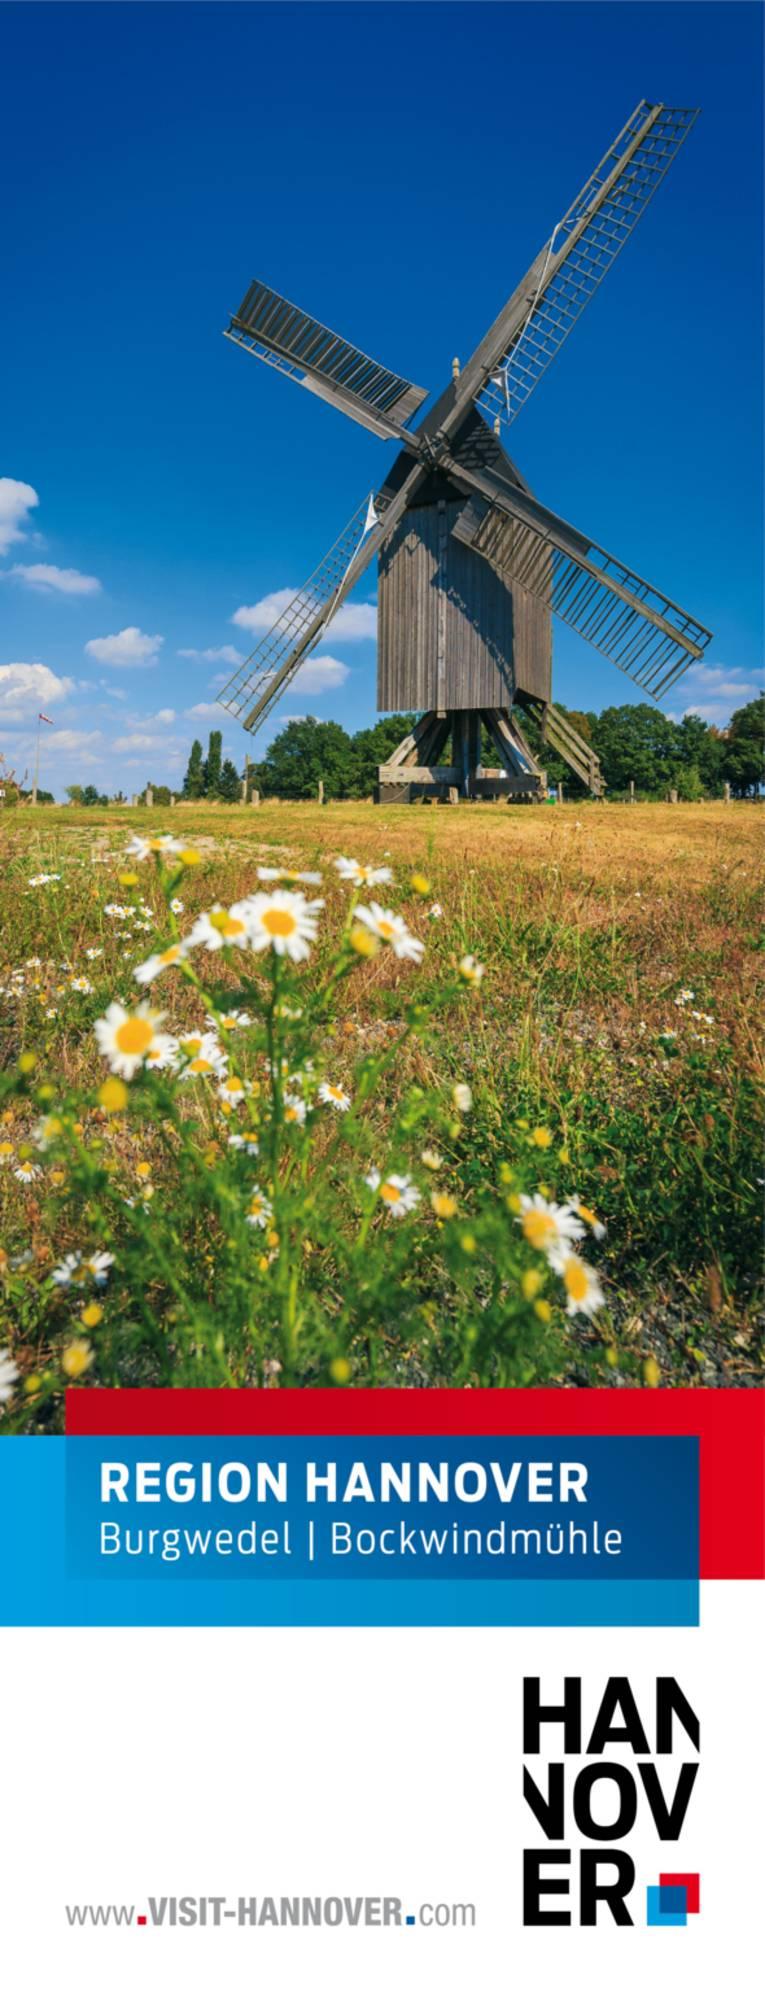 Burgwedel präsentiert sich mit einem Motiv der Bockwindmühle.